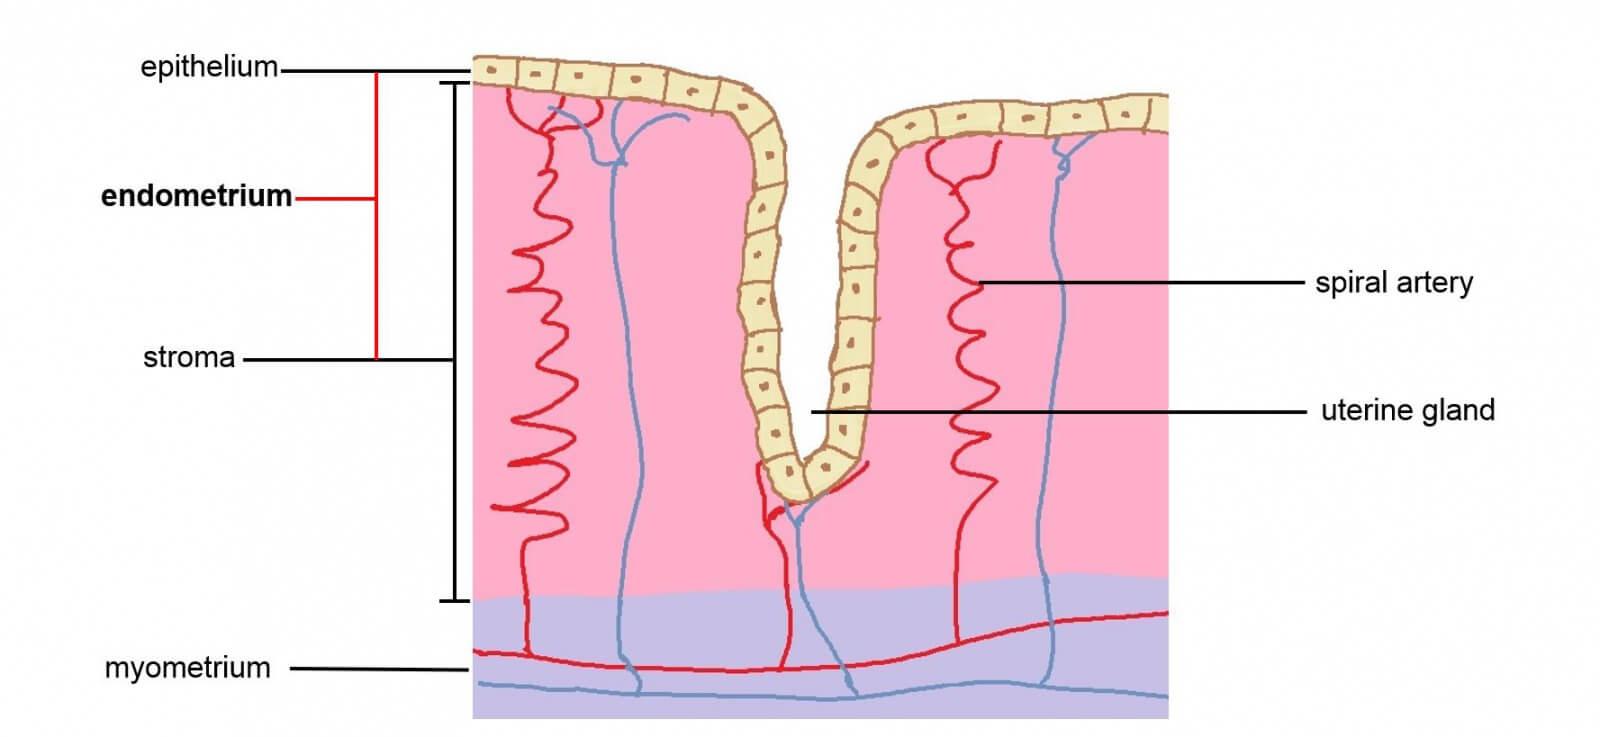 Cancerul de endometru | loungeradio.hu